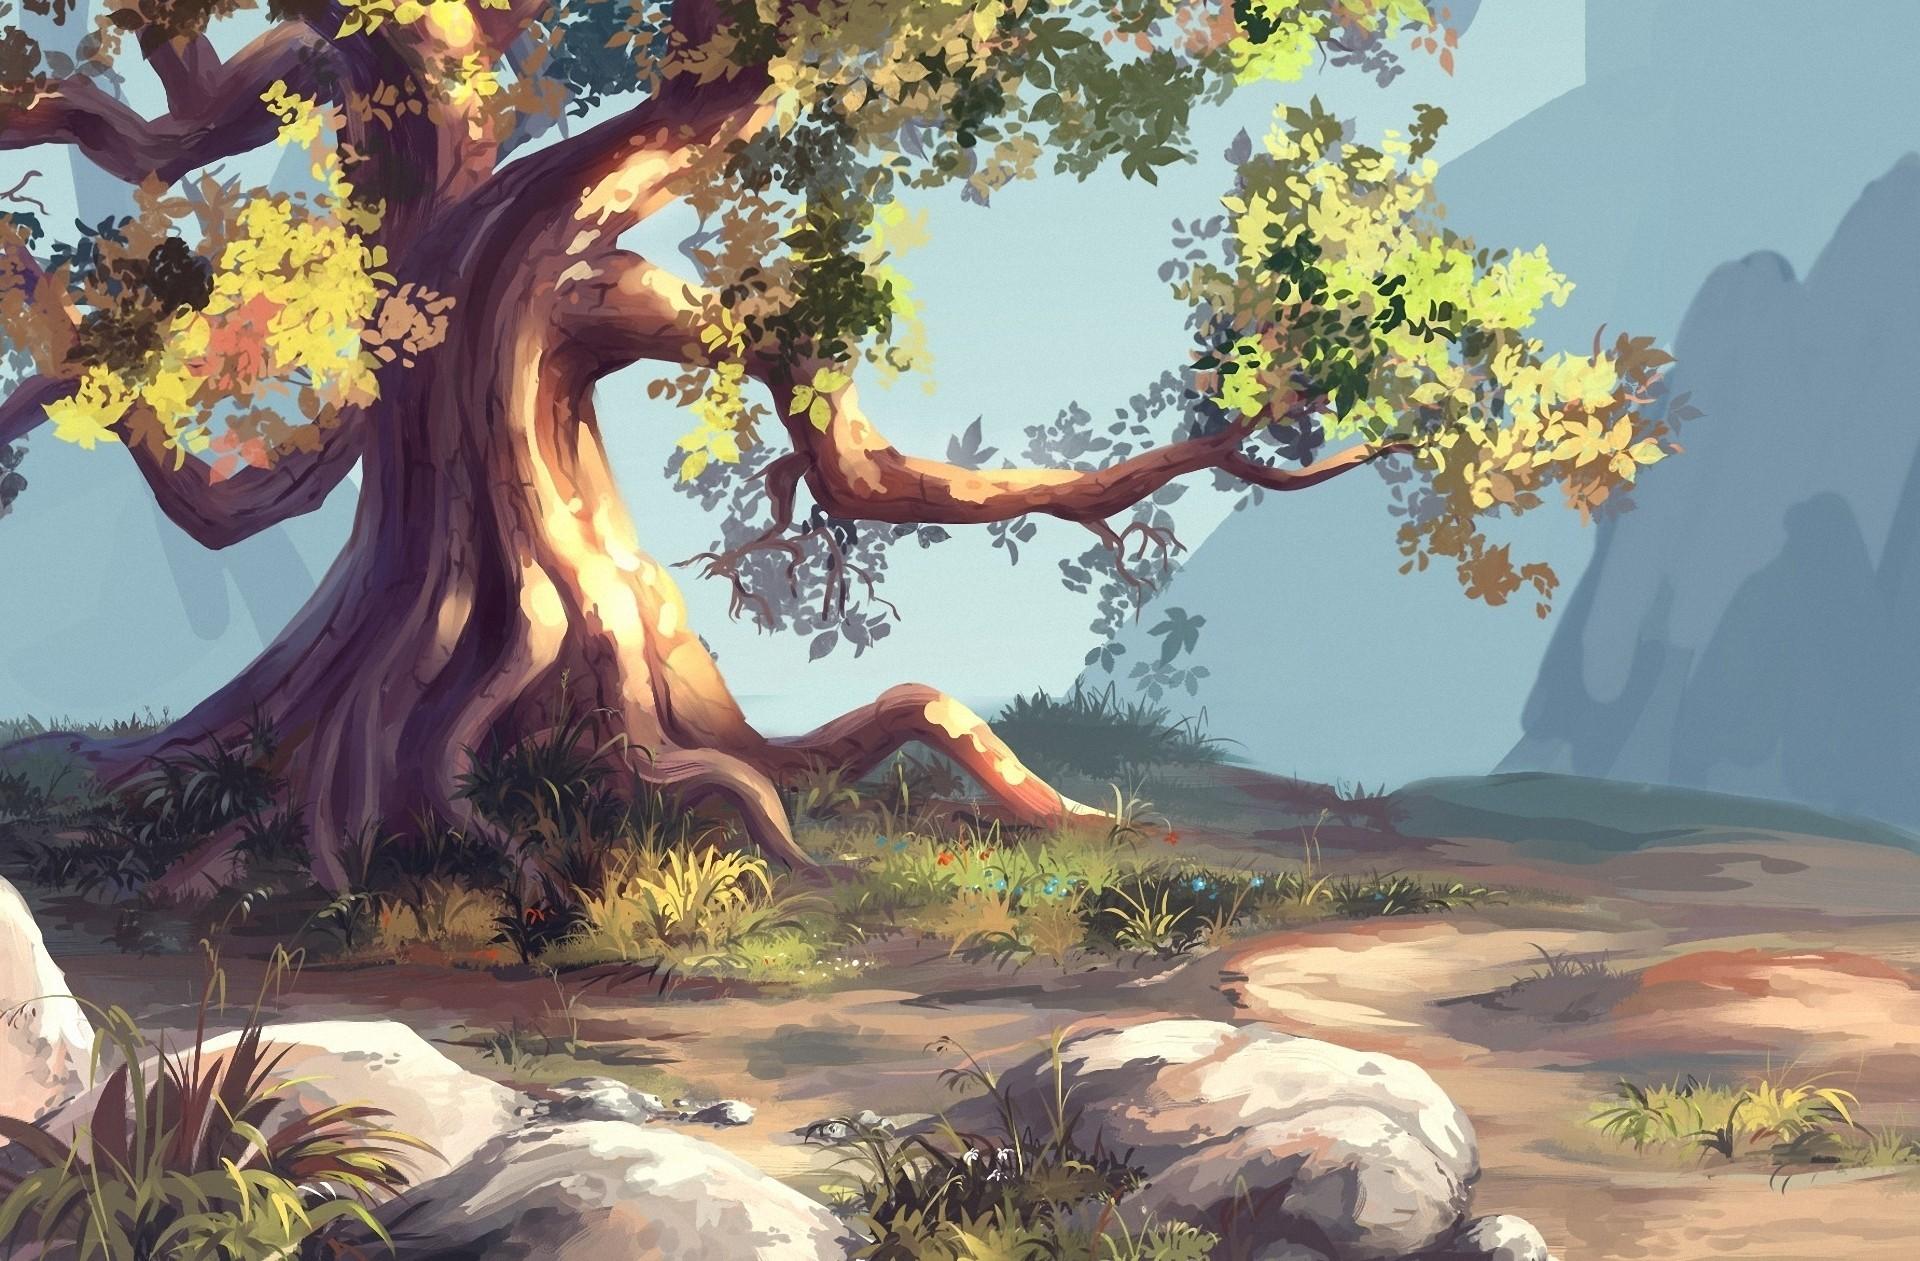 фотографии, картинка большого дерева в рисунках тсж дачного поселка